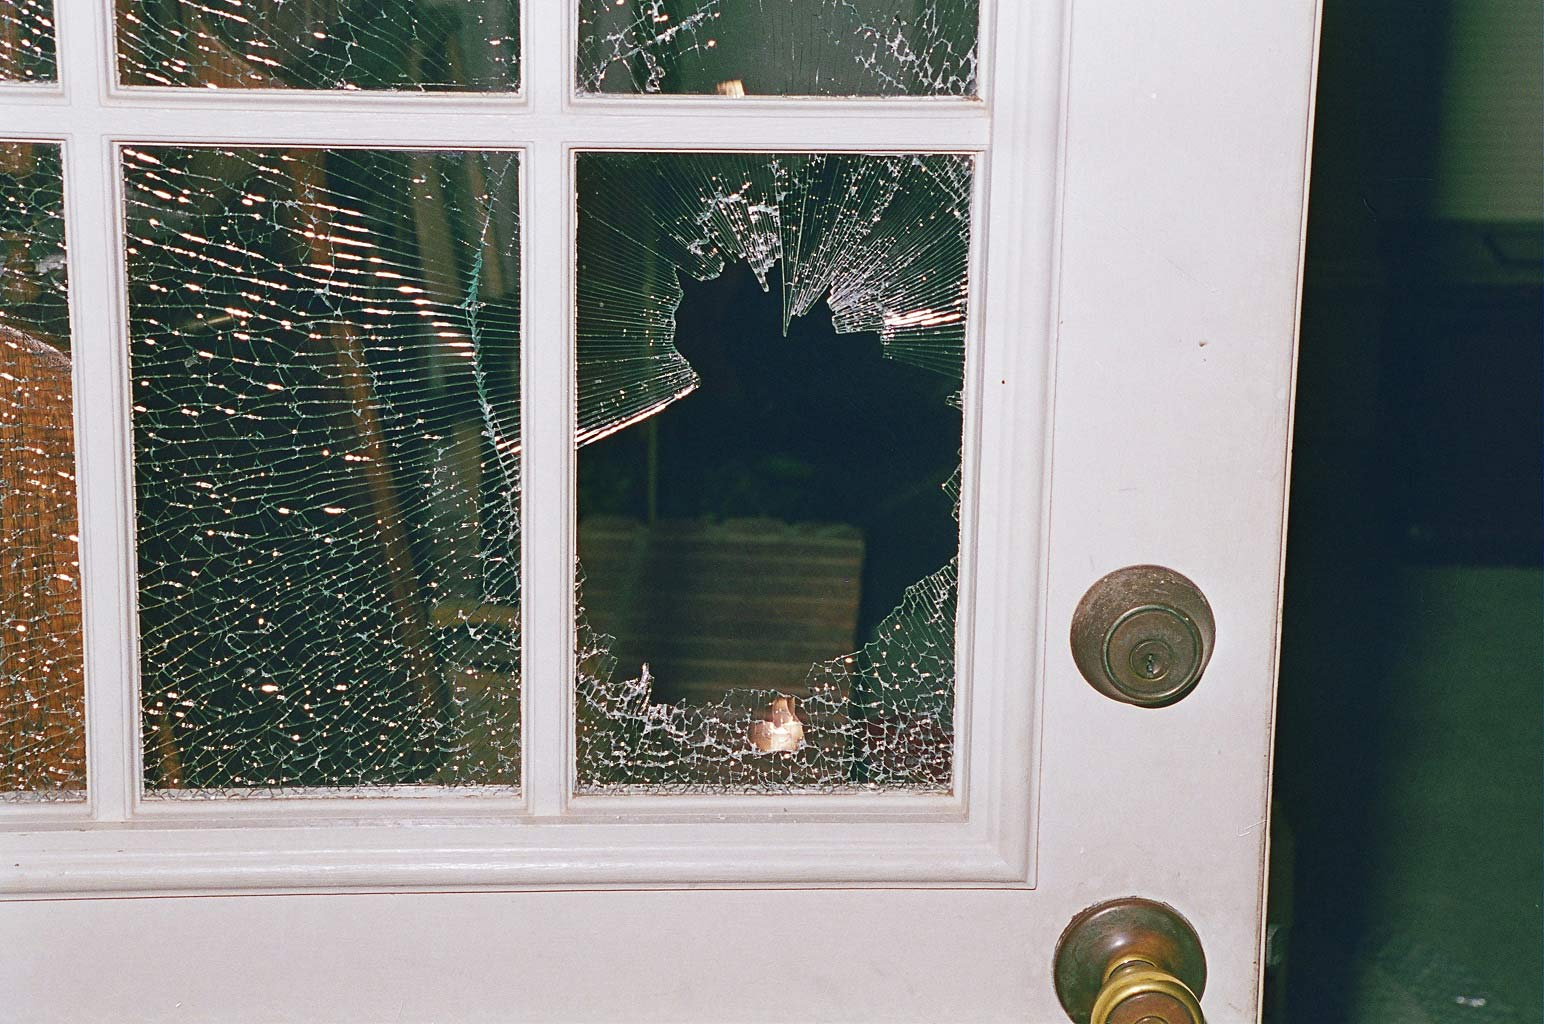 Inside The Crime Scene Evidence Photos In The Belinda